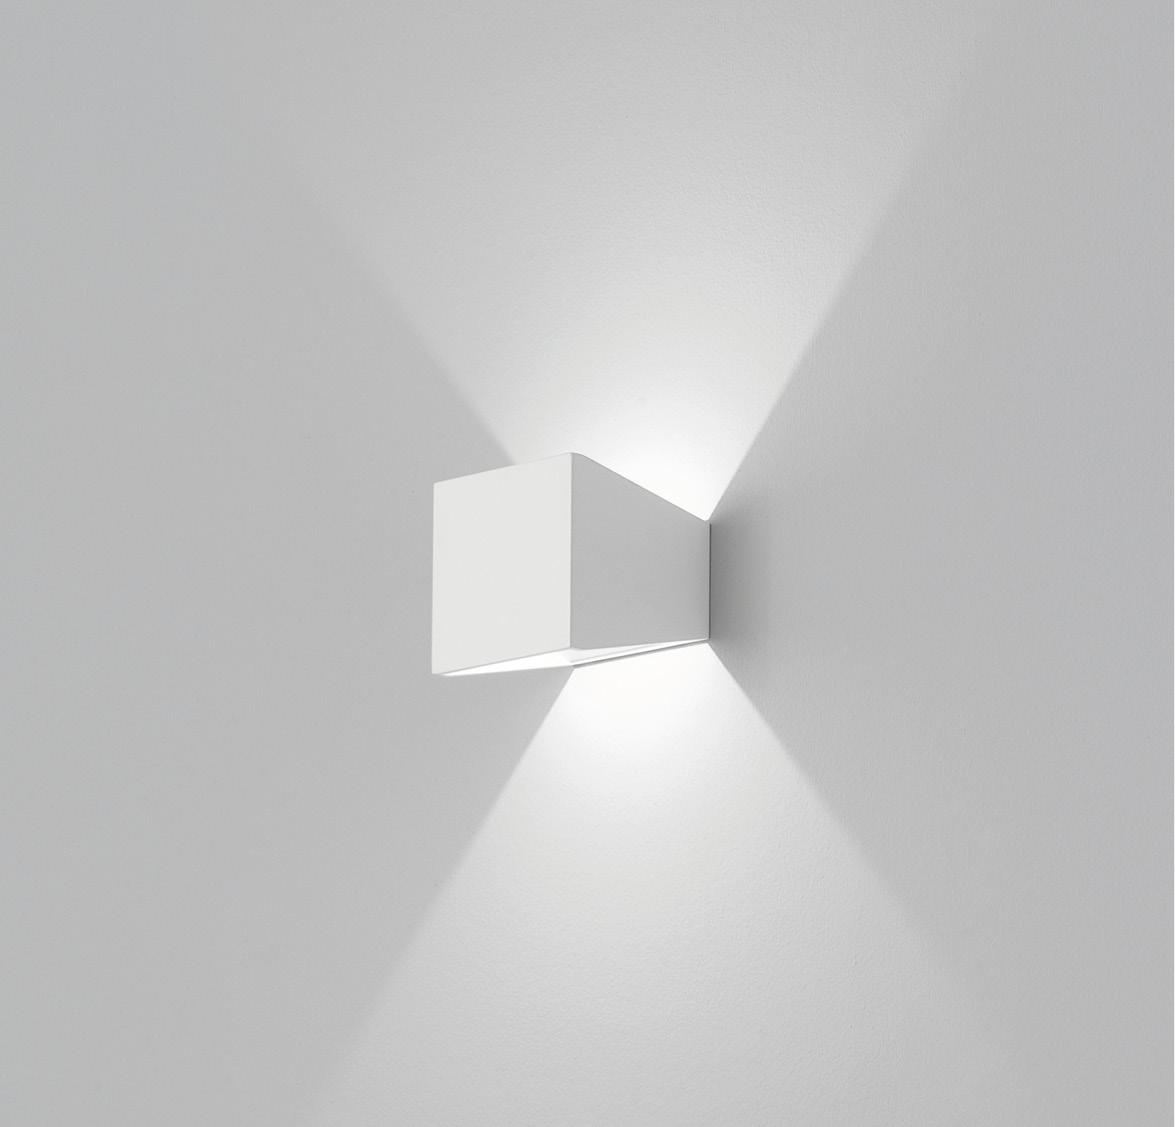 Mia a9 651 lampada da parete di aqlus pianeta luce - Illuminazione da parete design ...